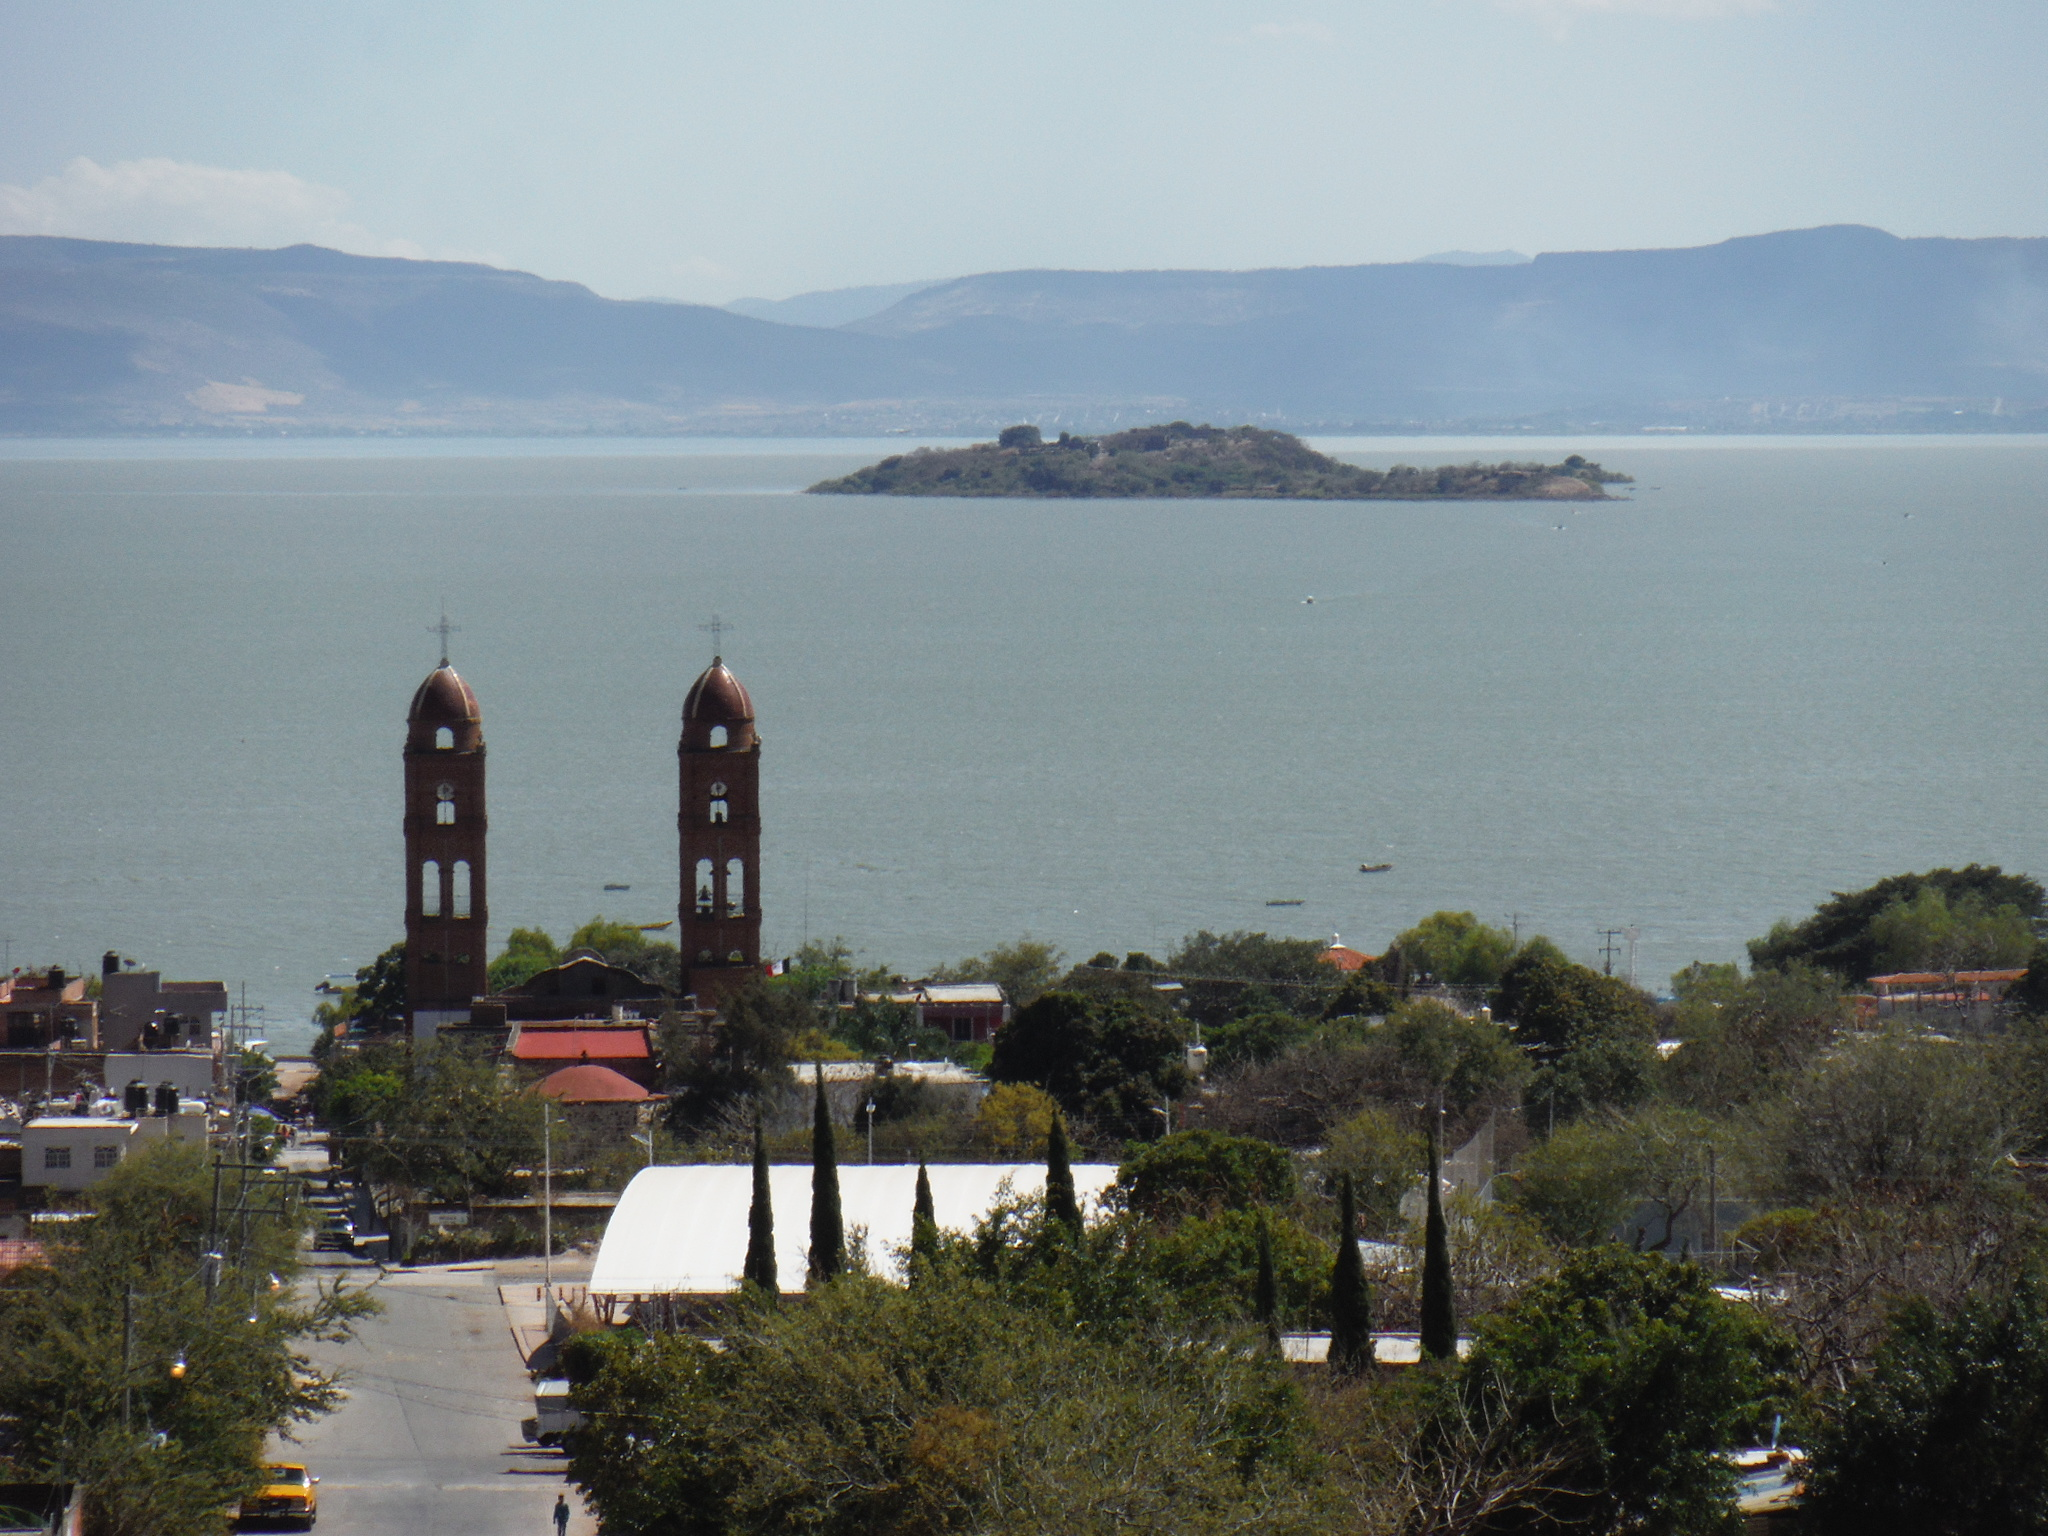 isla de mezcala wikipedia, la enciclopedia libre  relatos de presidio pdf.php #13